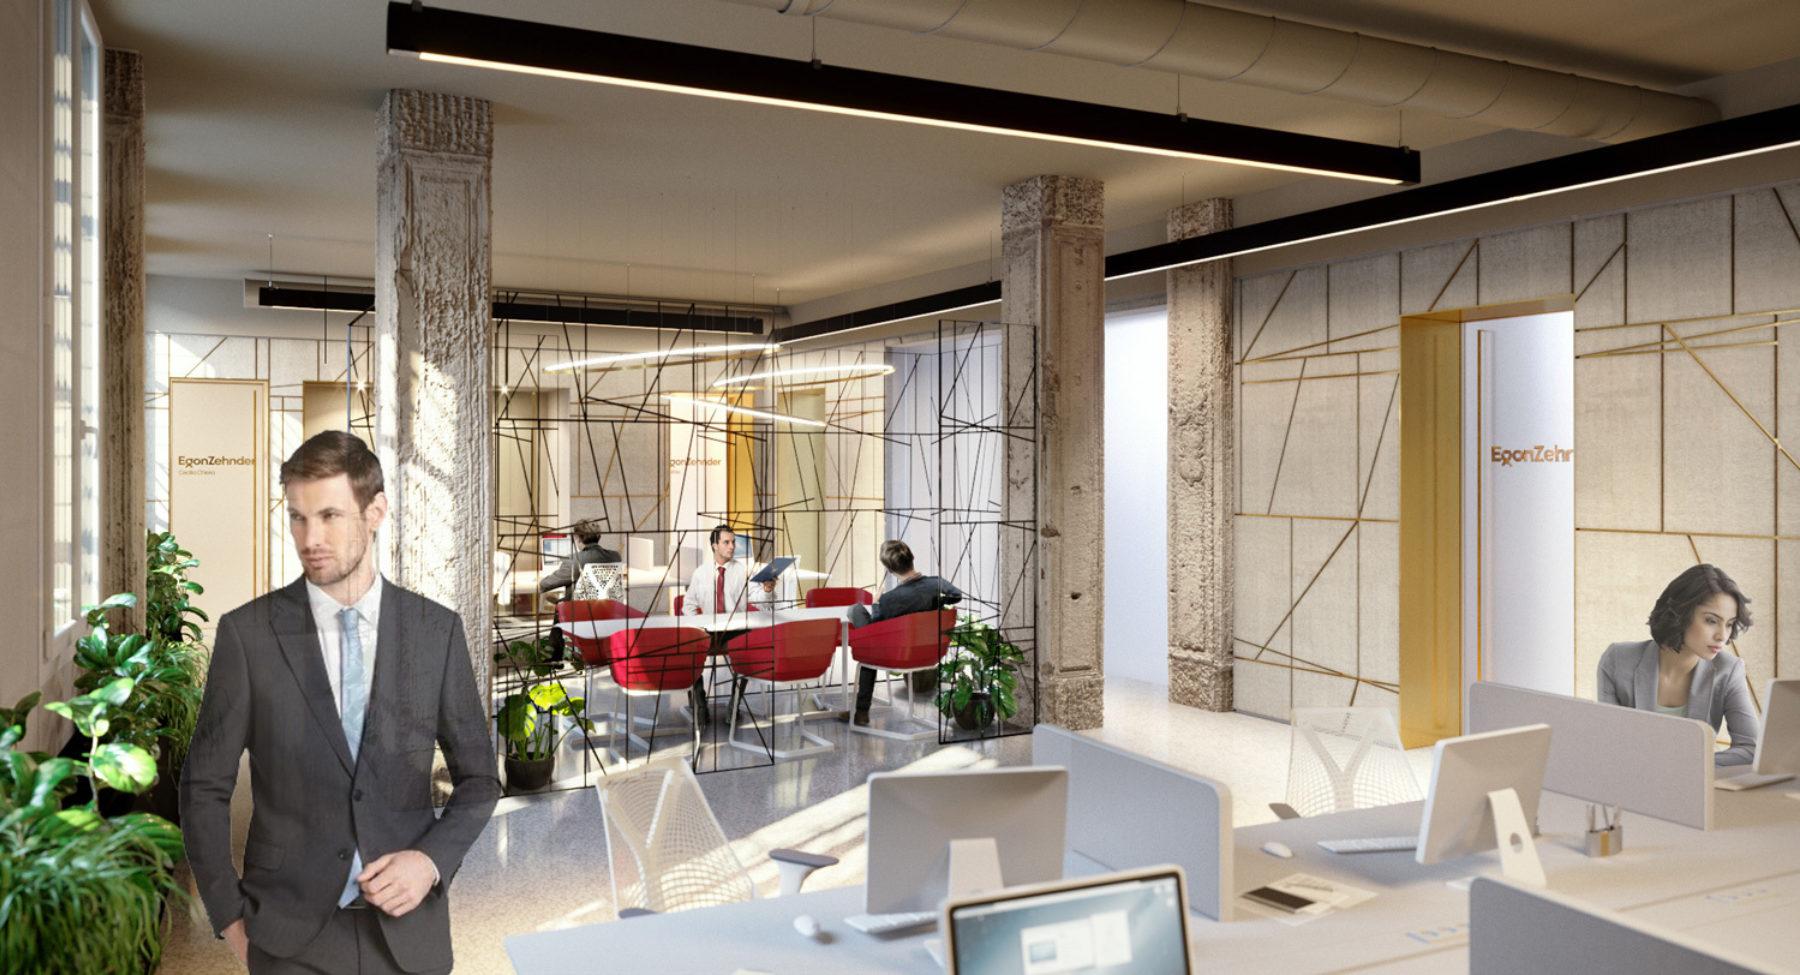 Egon Zehnder Office fit-out